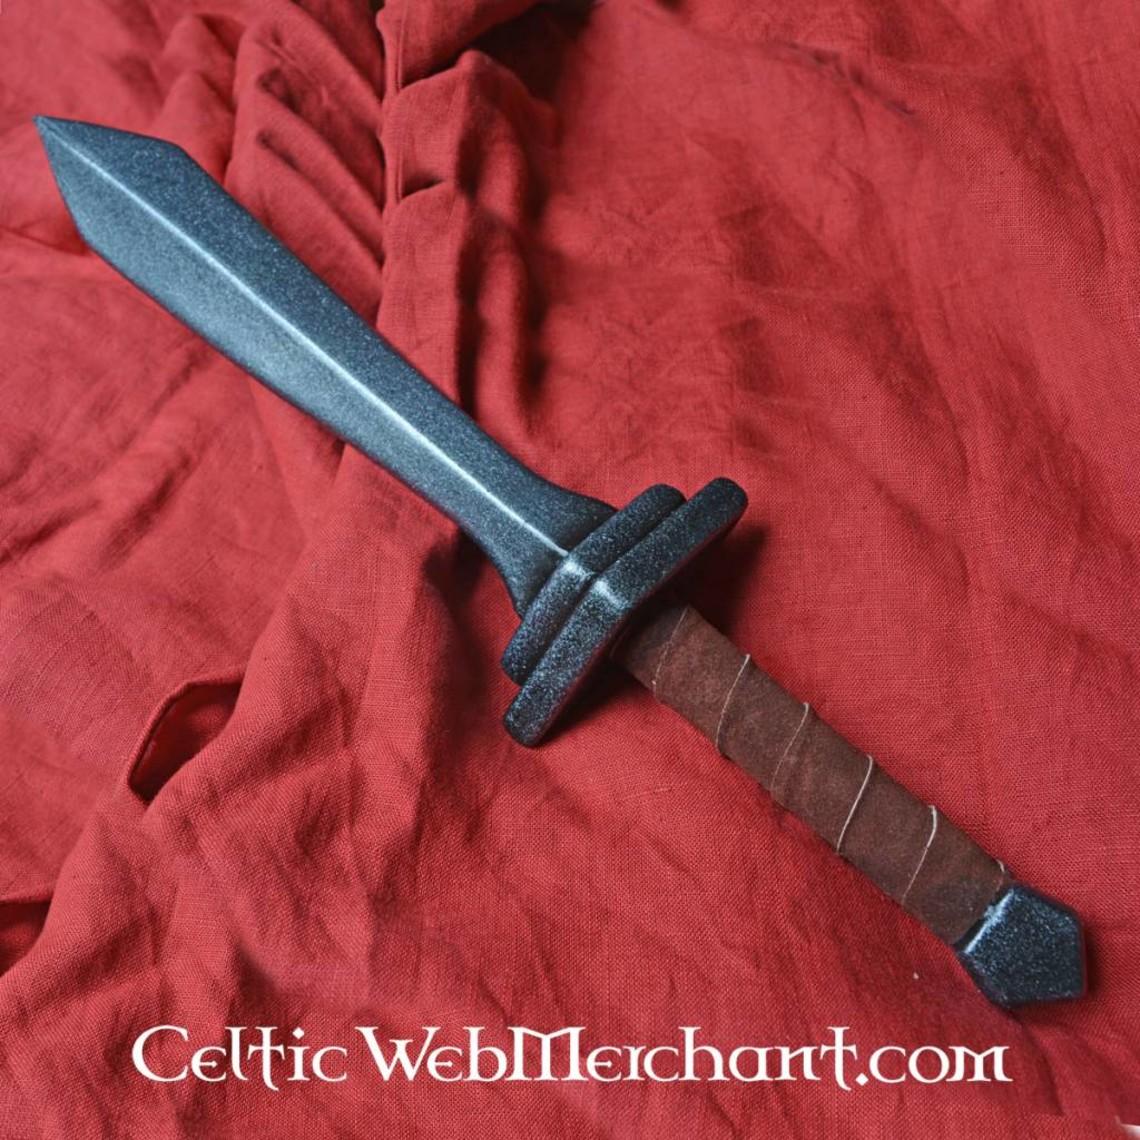 Epic Armoury Legión de la daga, arma LARP, espuma